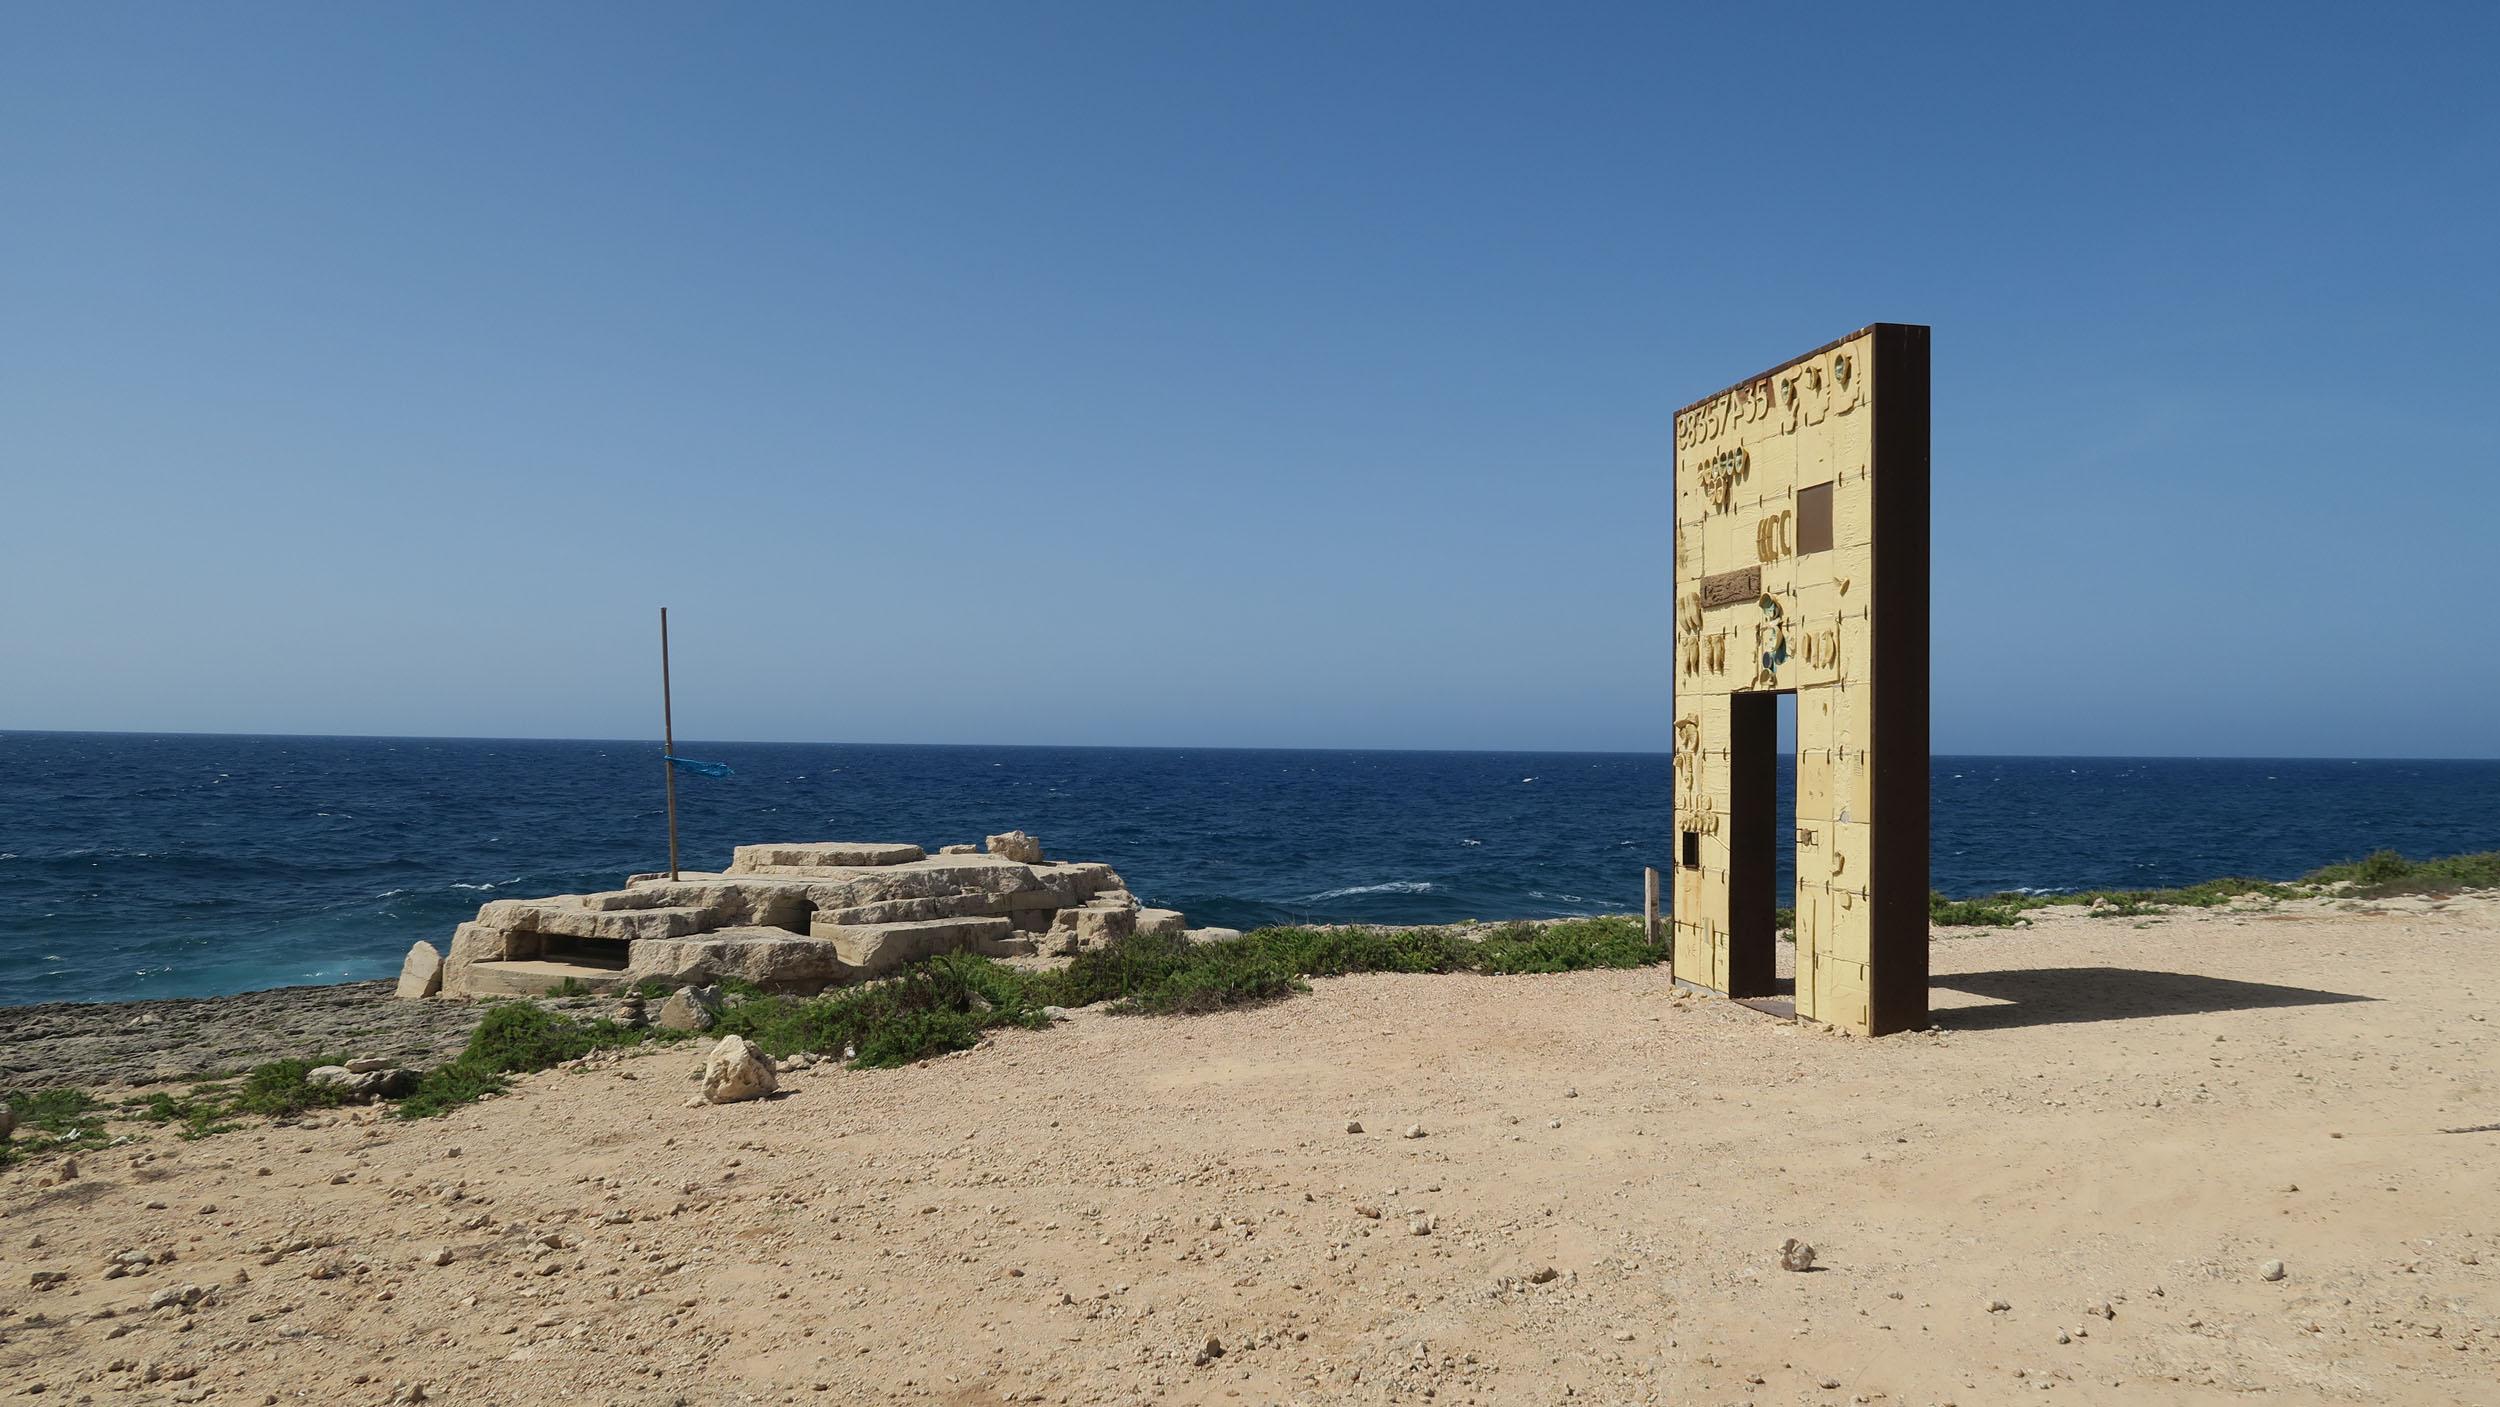 GGD_Lampedusa_IMG_3073.jpg